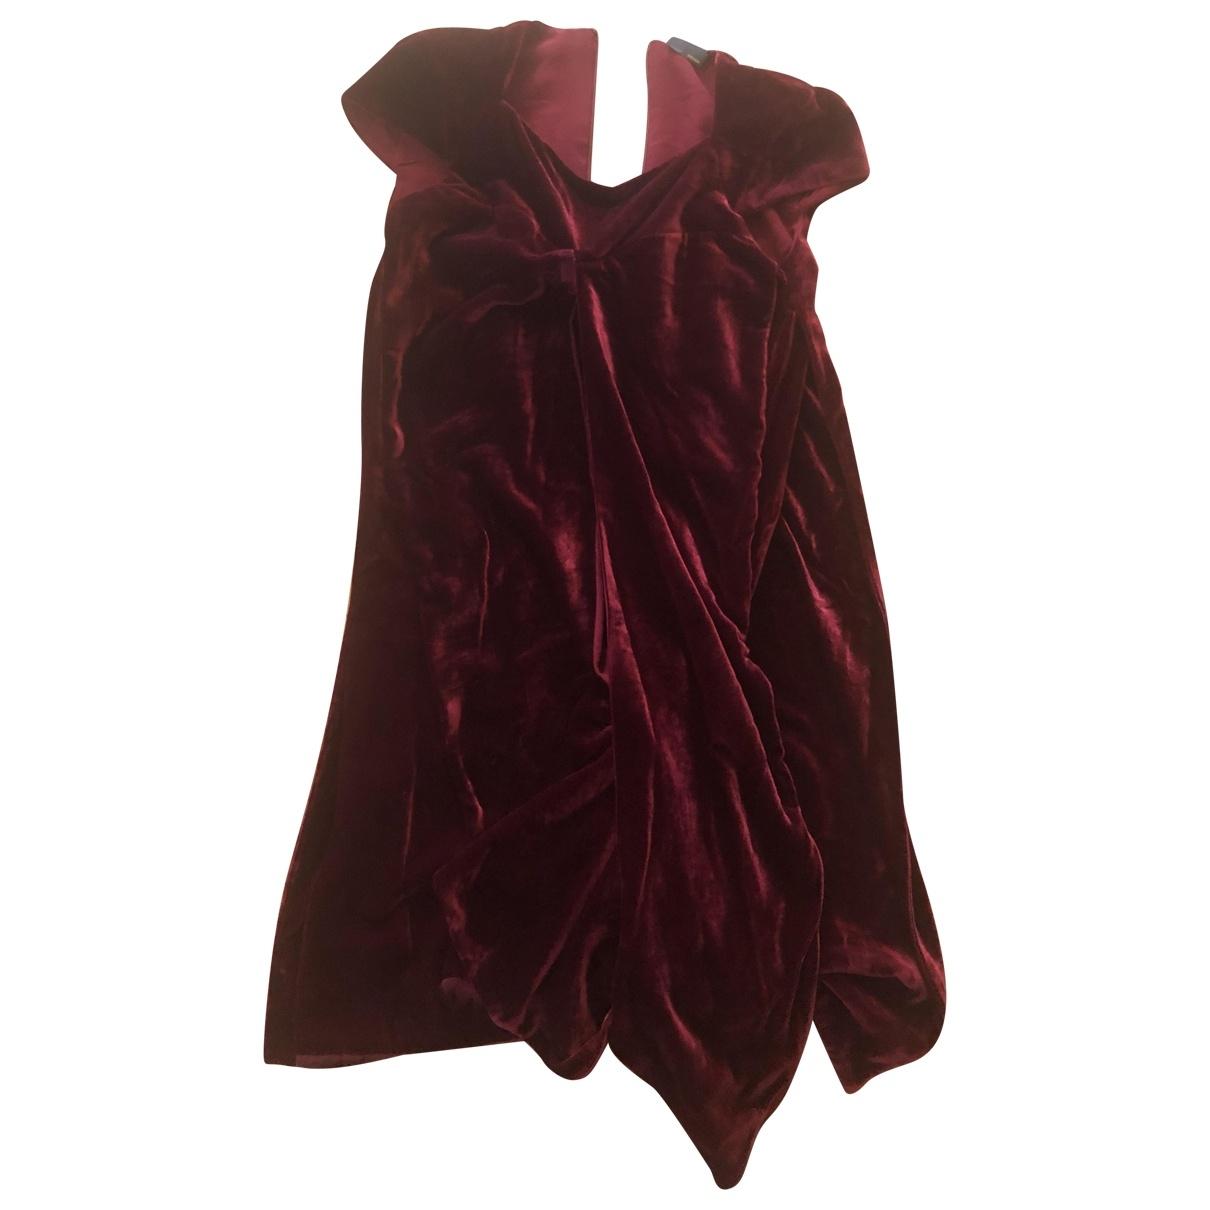 Fendi \N Kleid in  Bordeauxrot Samt